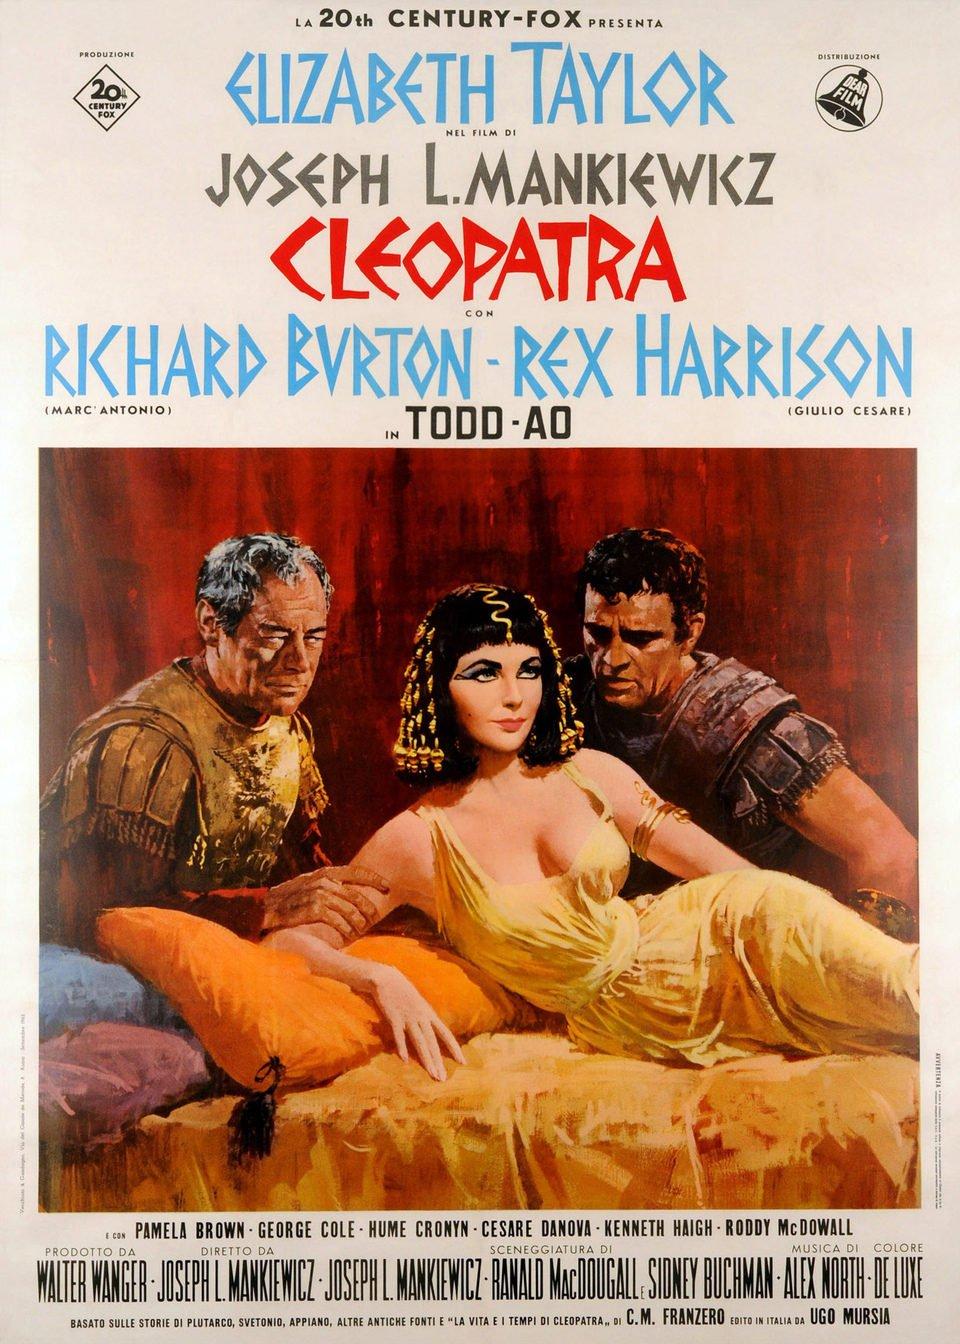 Cartel EEUU de 'Cleopatra'